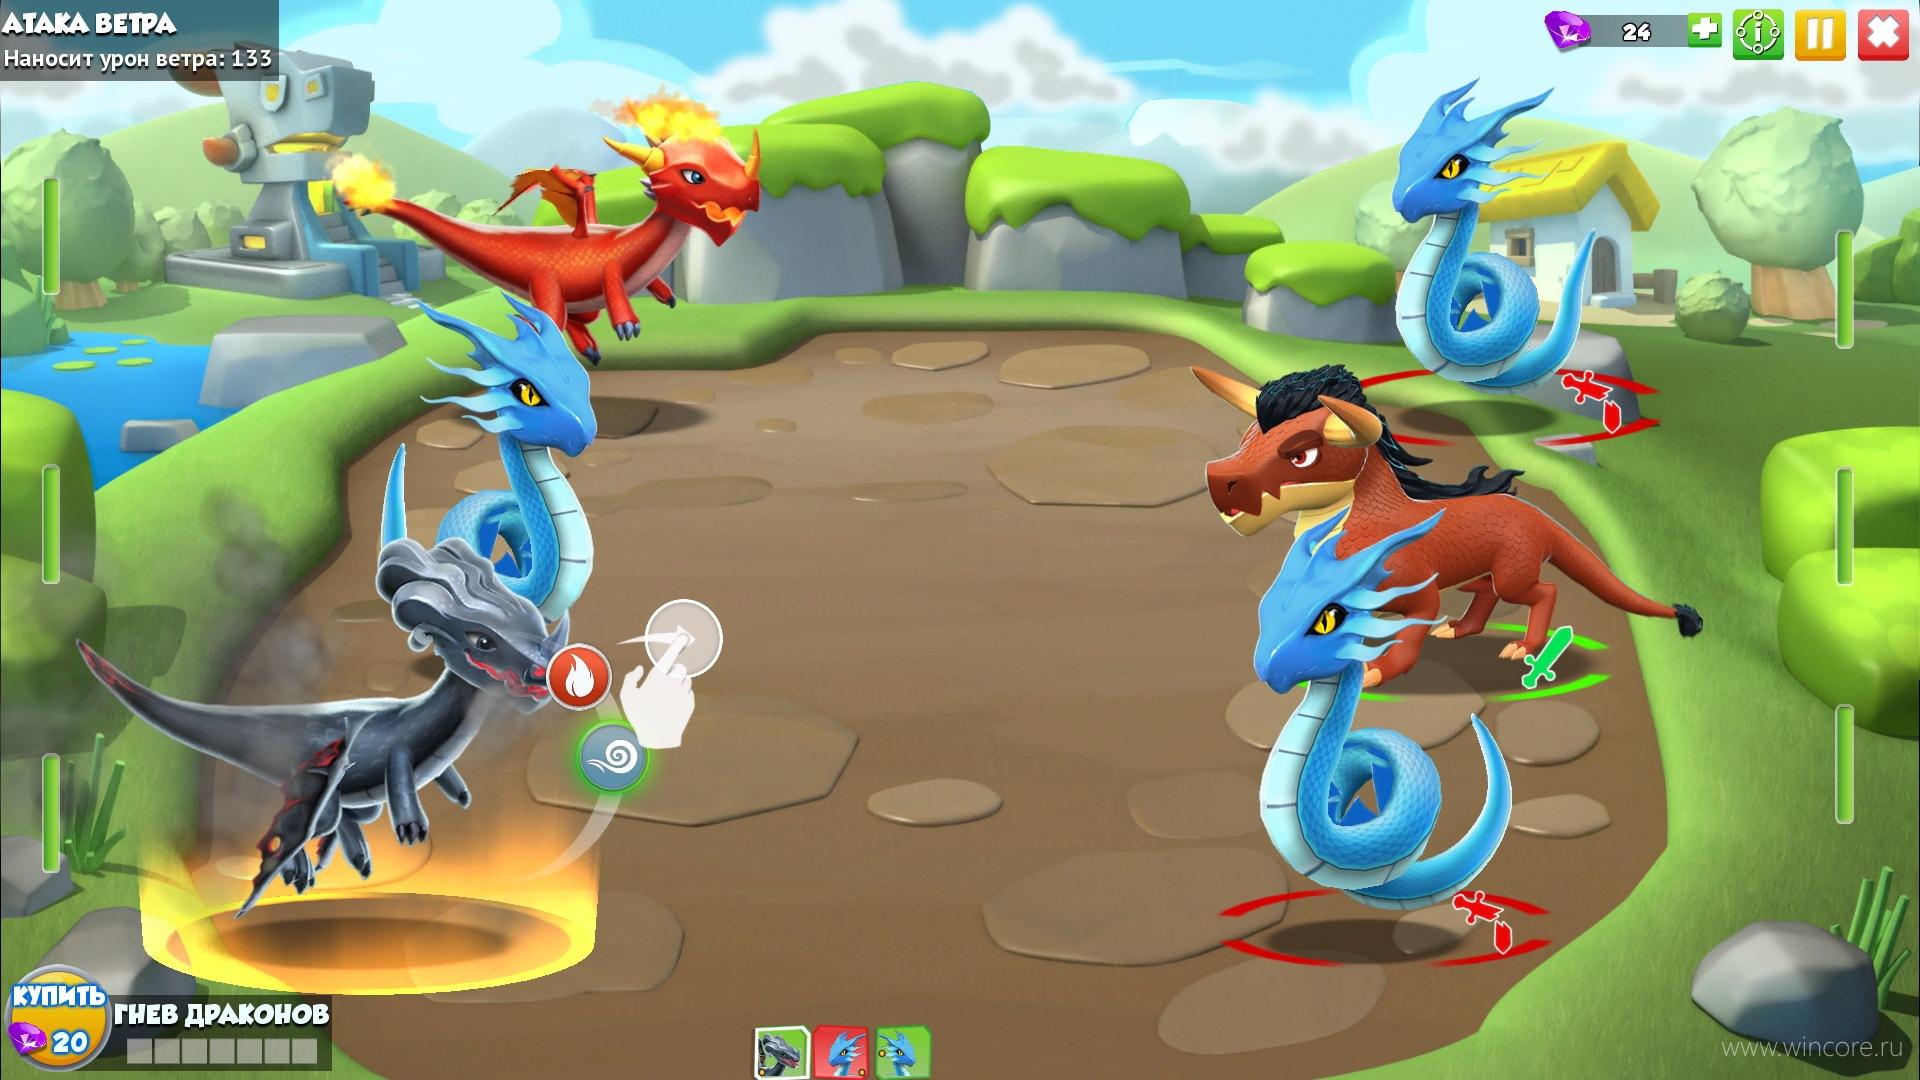 Как сделать дракона подсолнух в дракономании